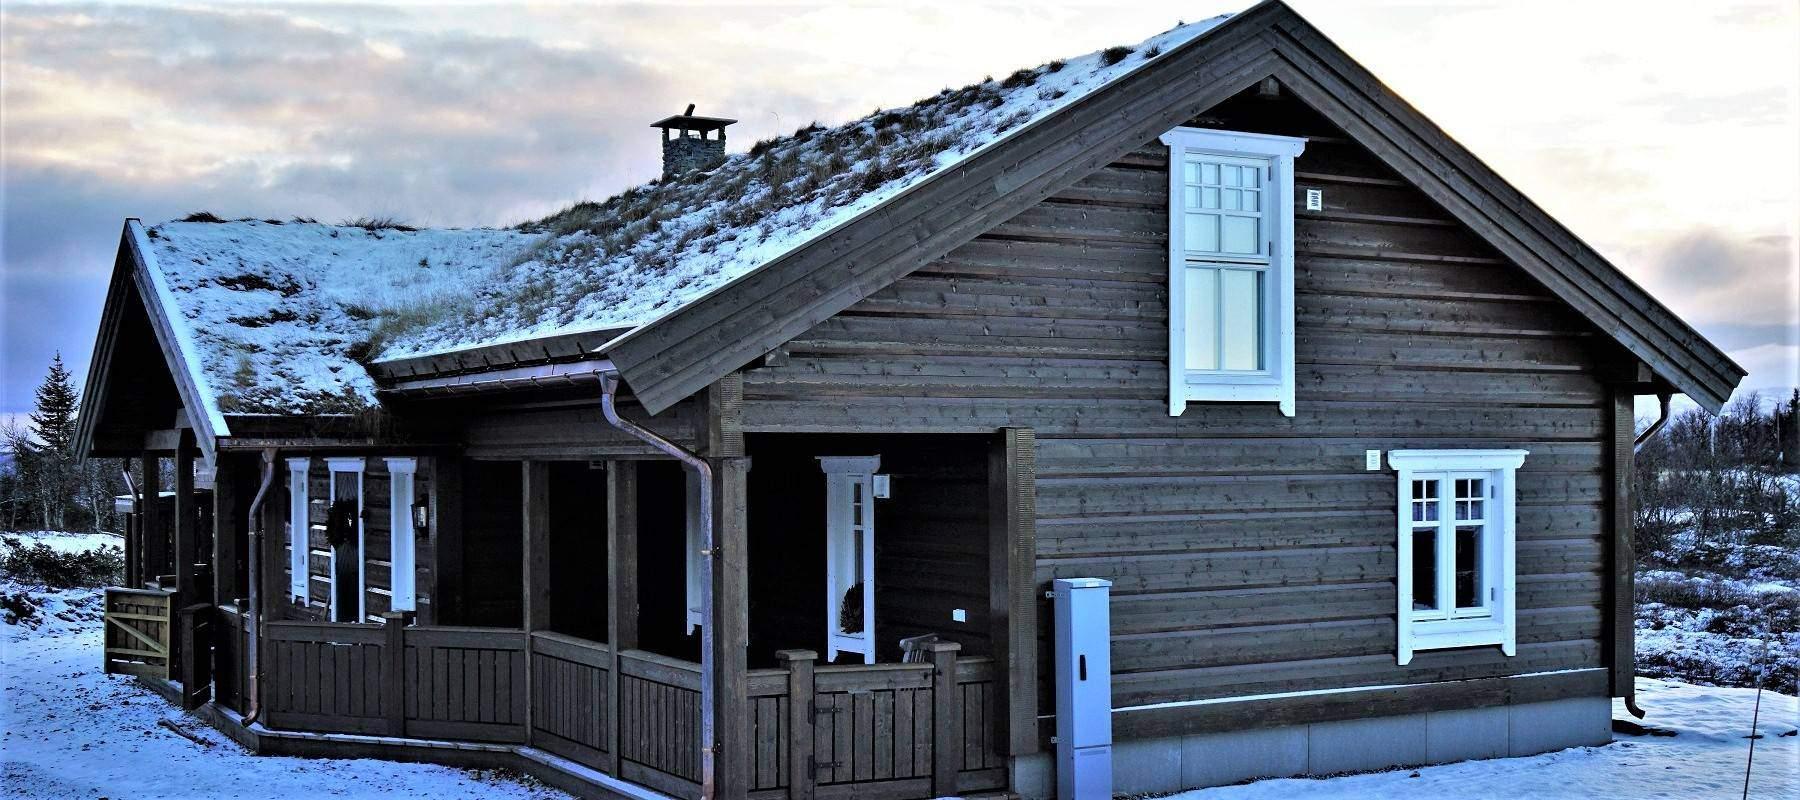 51 Hytteleverandor – Tiurtoppen Hytter Inspirasjon hytte pa Gålå